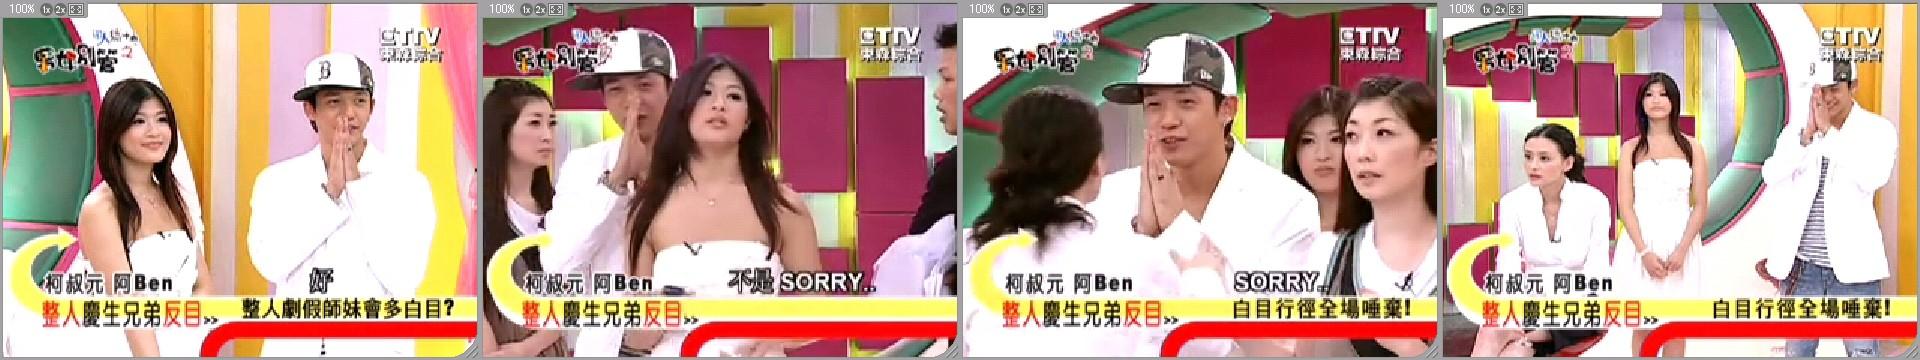 トラブル発生時におけるBenの行動パターン(笑)_c0006667_1338570.jpg